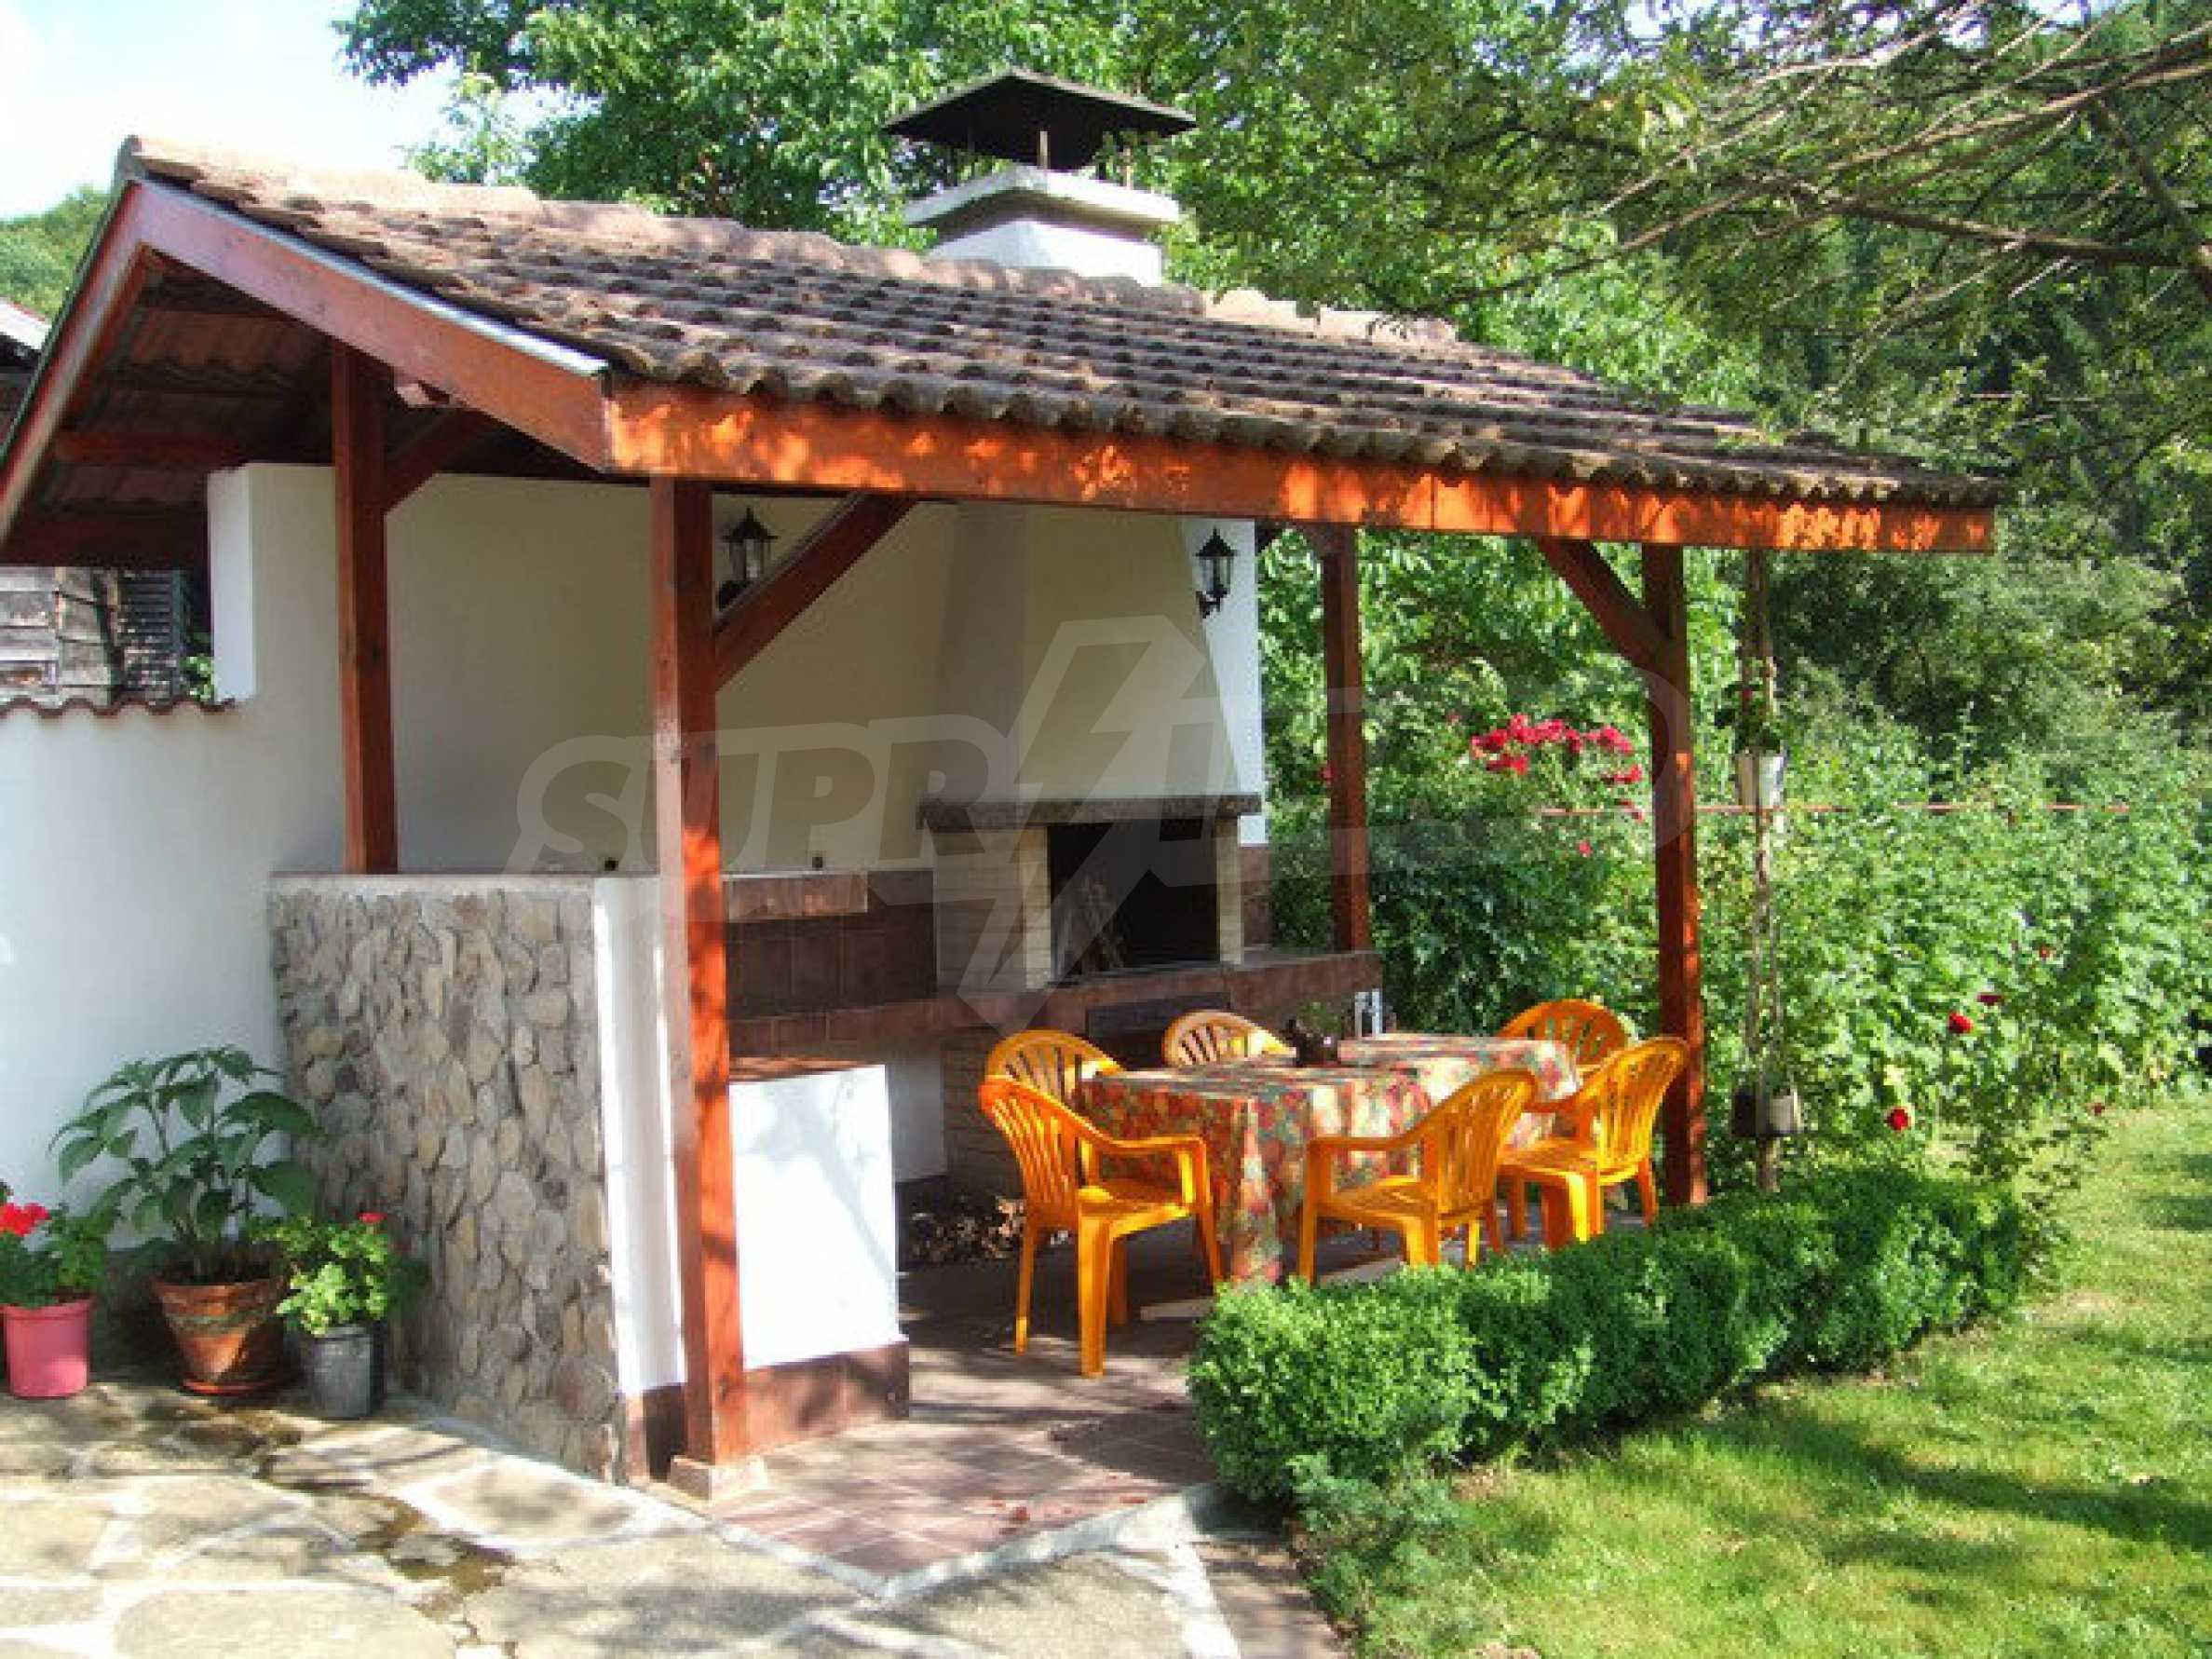 Voll möblierte und ausgestattete Etage eines Hauses mit Garten in einem Dorf 8 km. aus Trjawna 10